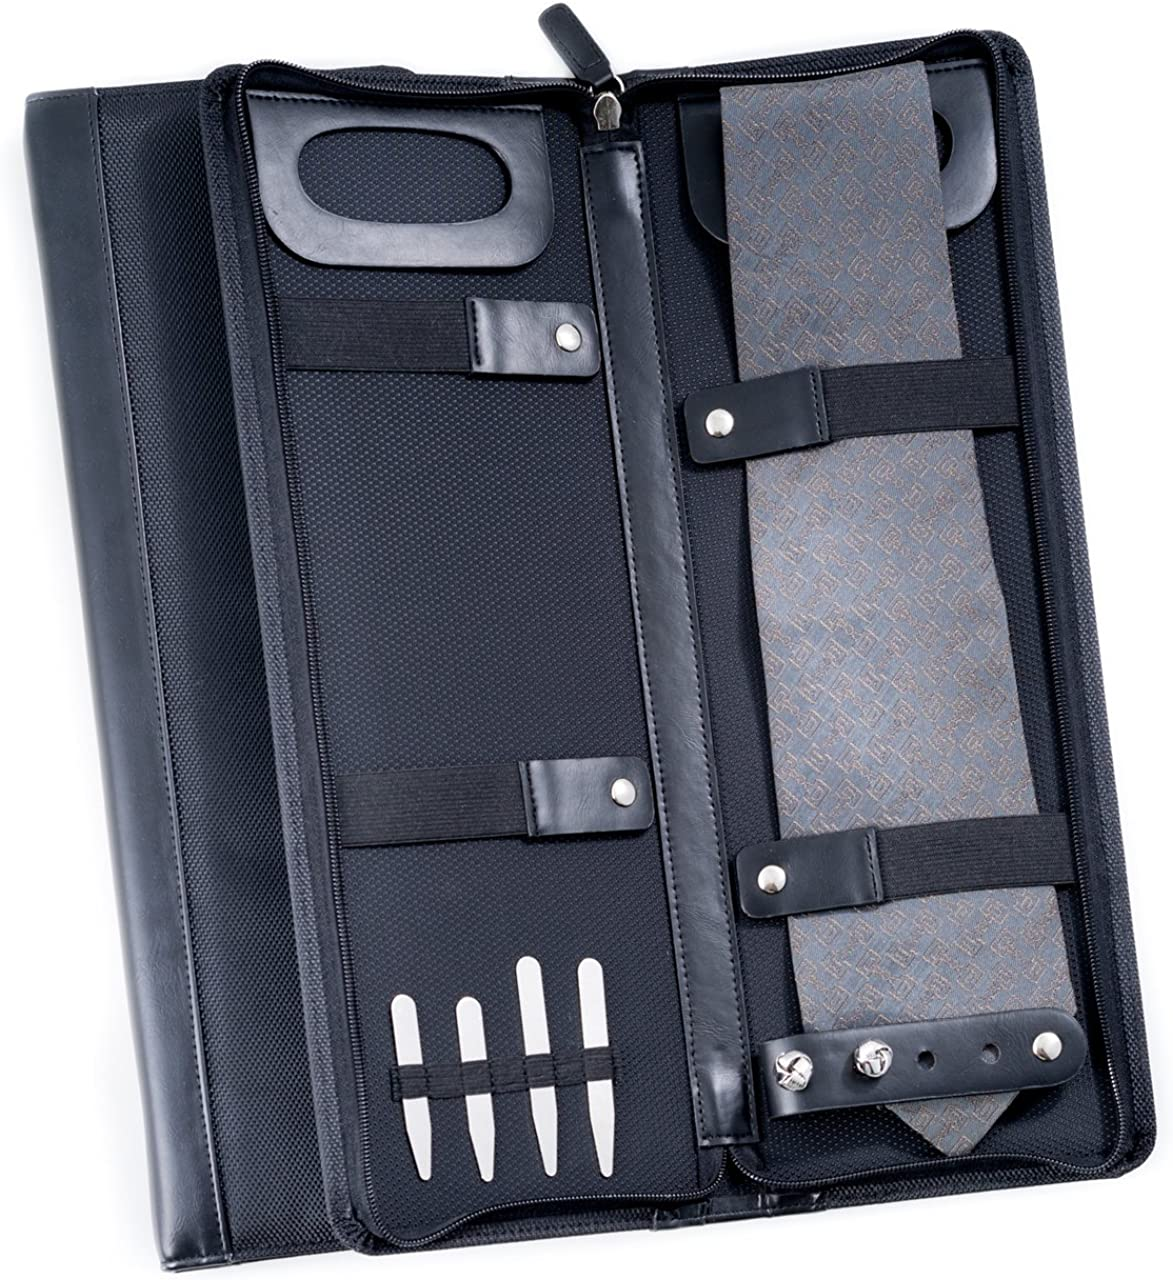 Men's Black Ballistic Nylon Travel Necktie Tie Case Holder & Collar Stays